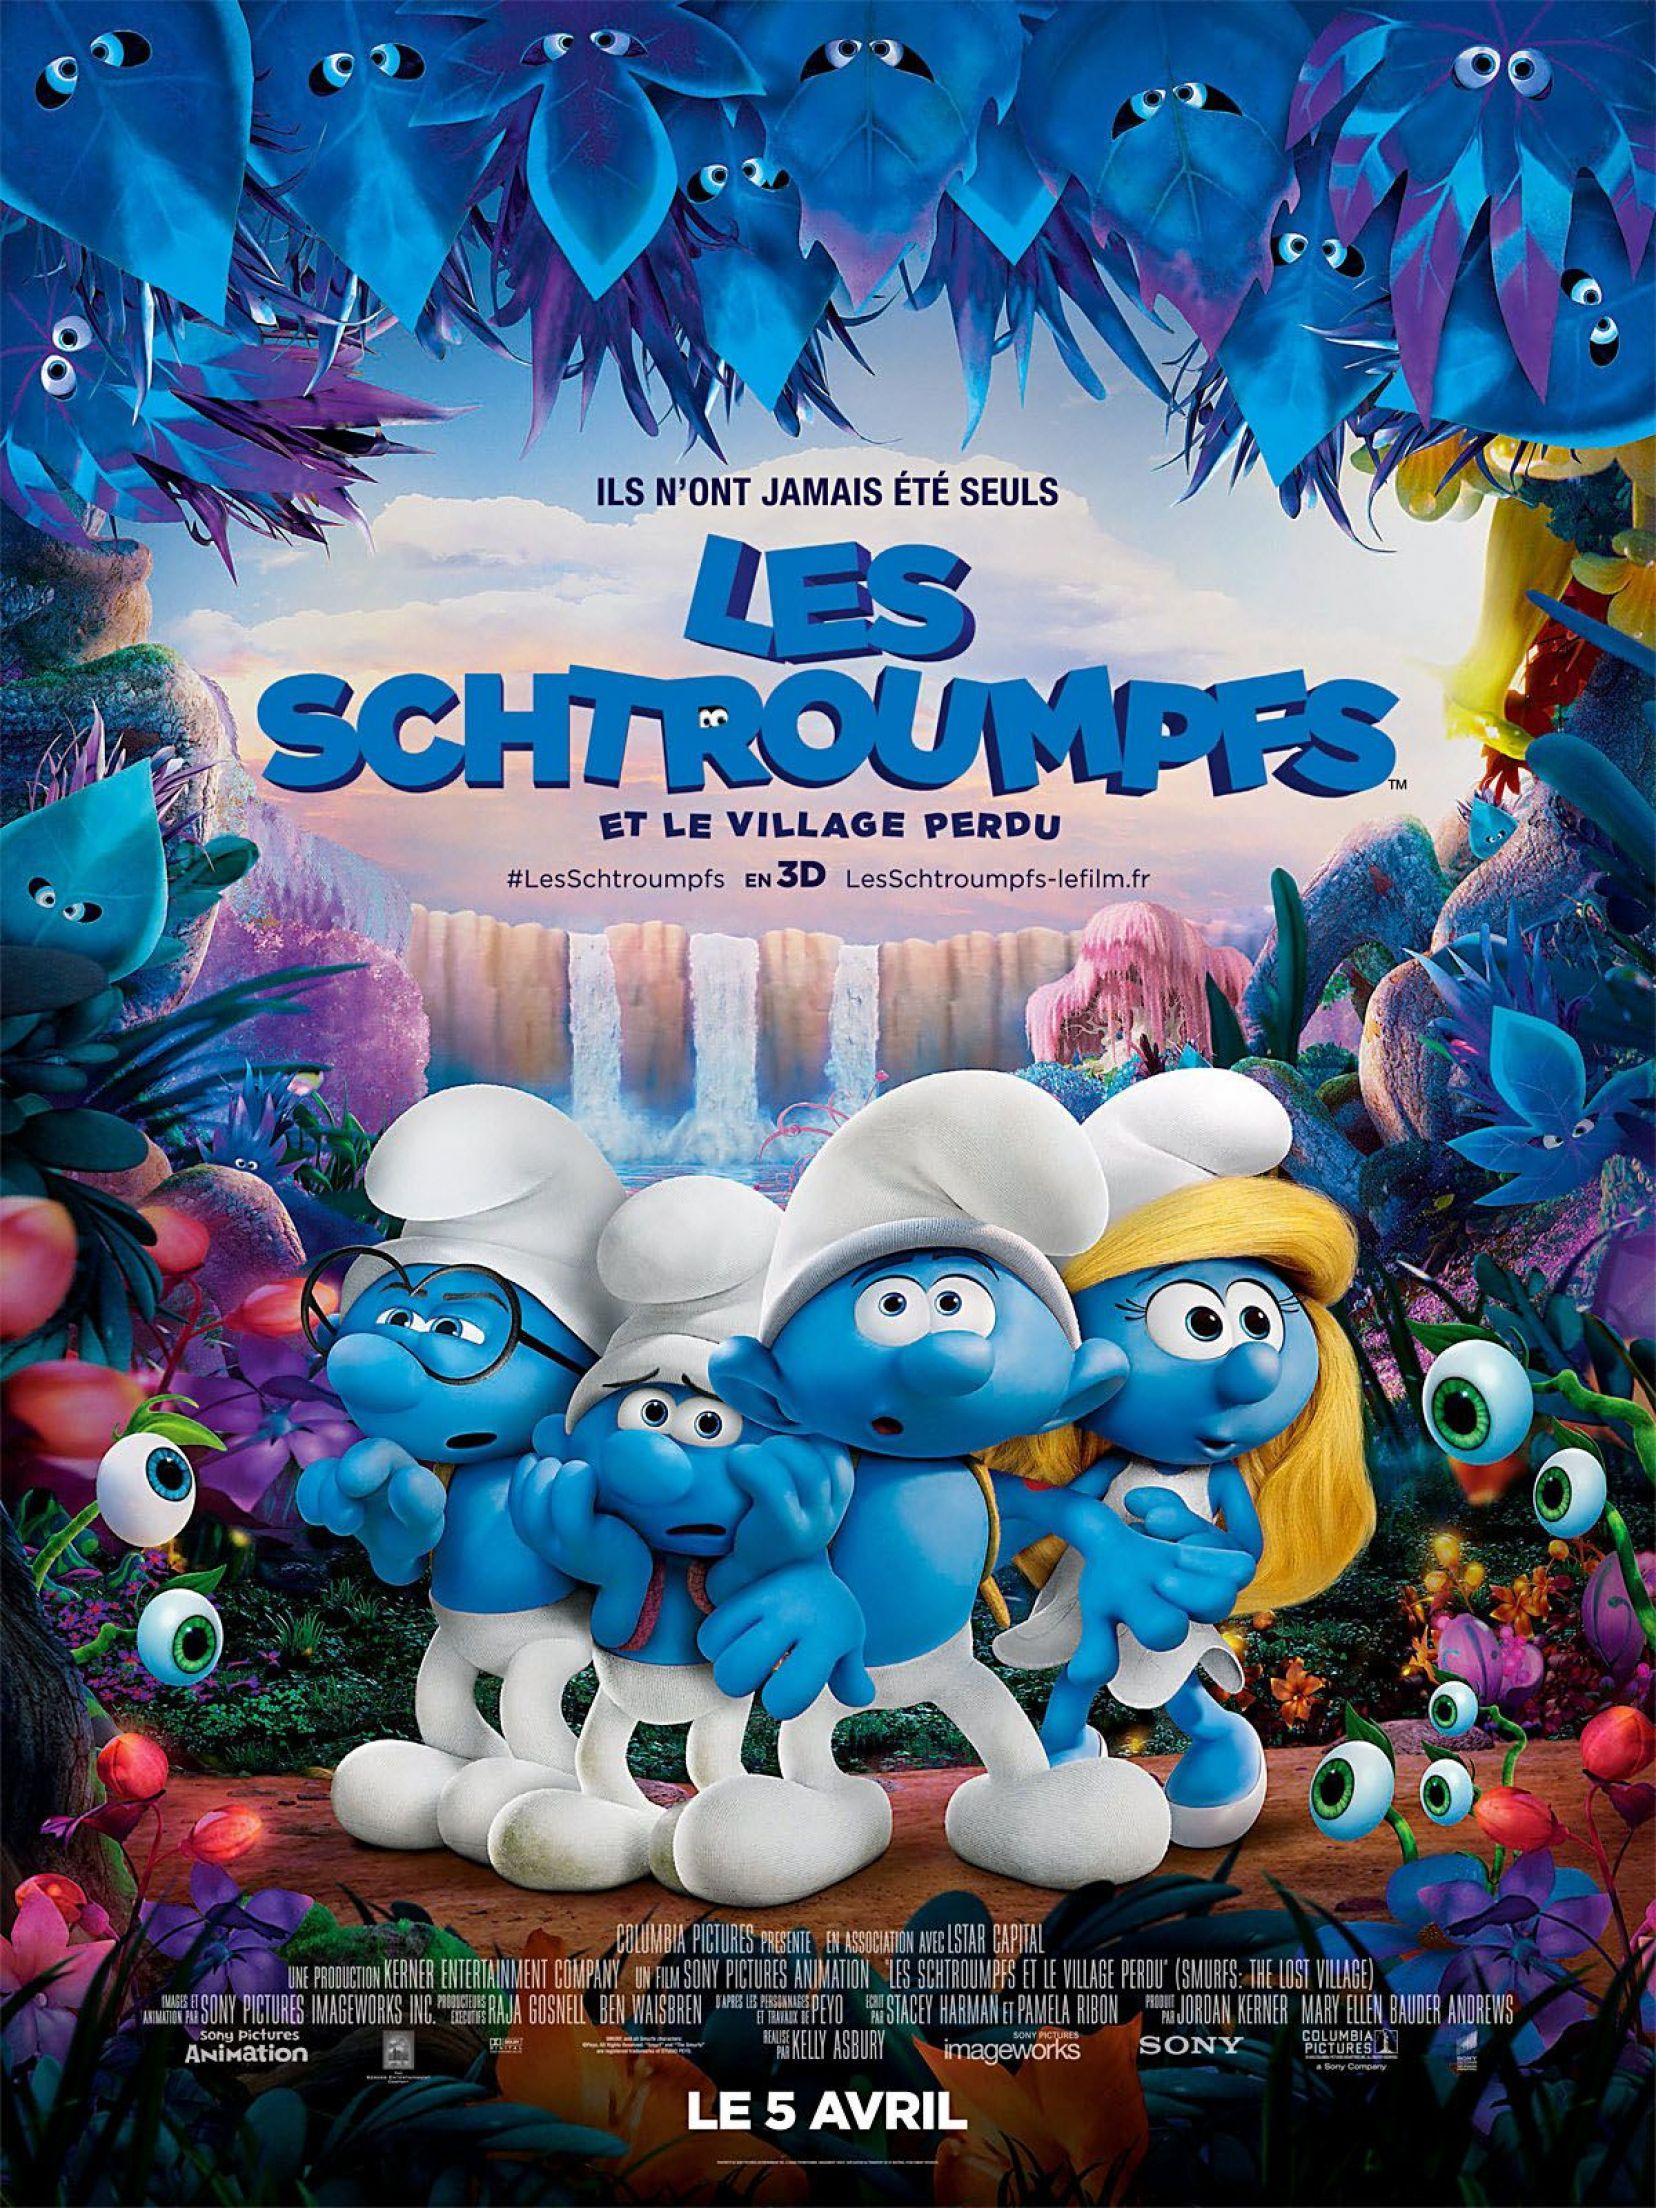 Affiche du film: Les Schtroumpfs, le village perdu